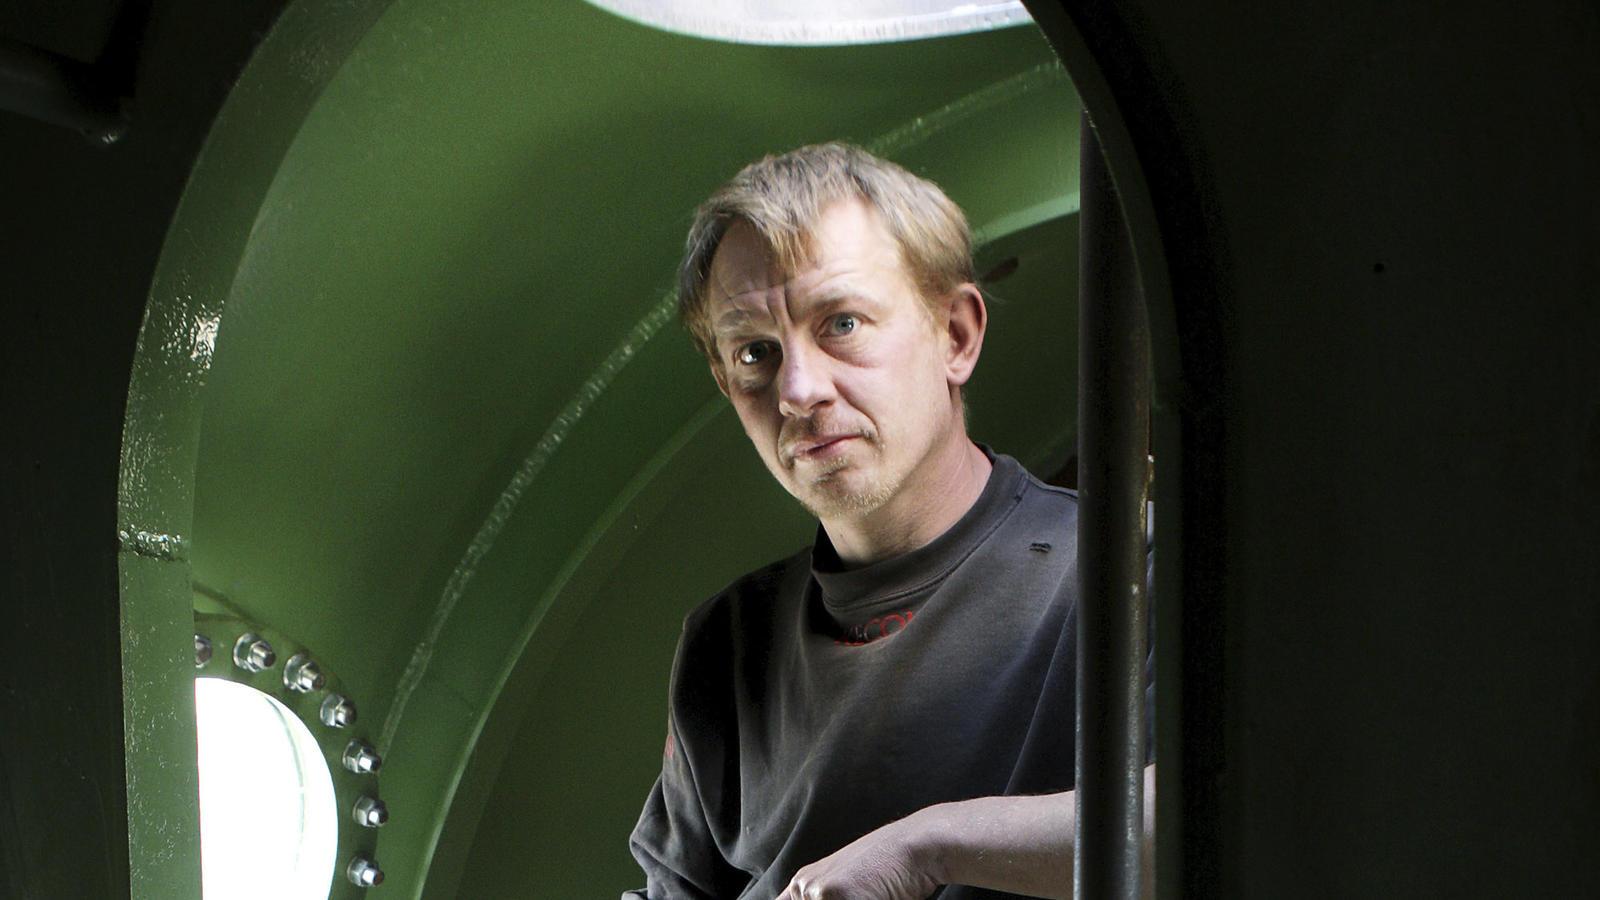 Peter Madsen wurde zu lebenslanger Haft verurteilt,  weil er im August 2017 die Journalistin Kim Wall an Bord seines U-Bootes getötet hat.